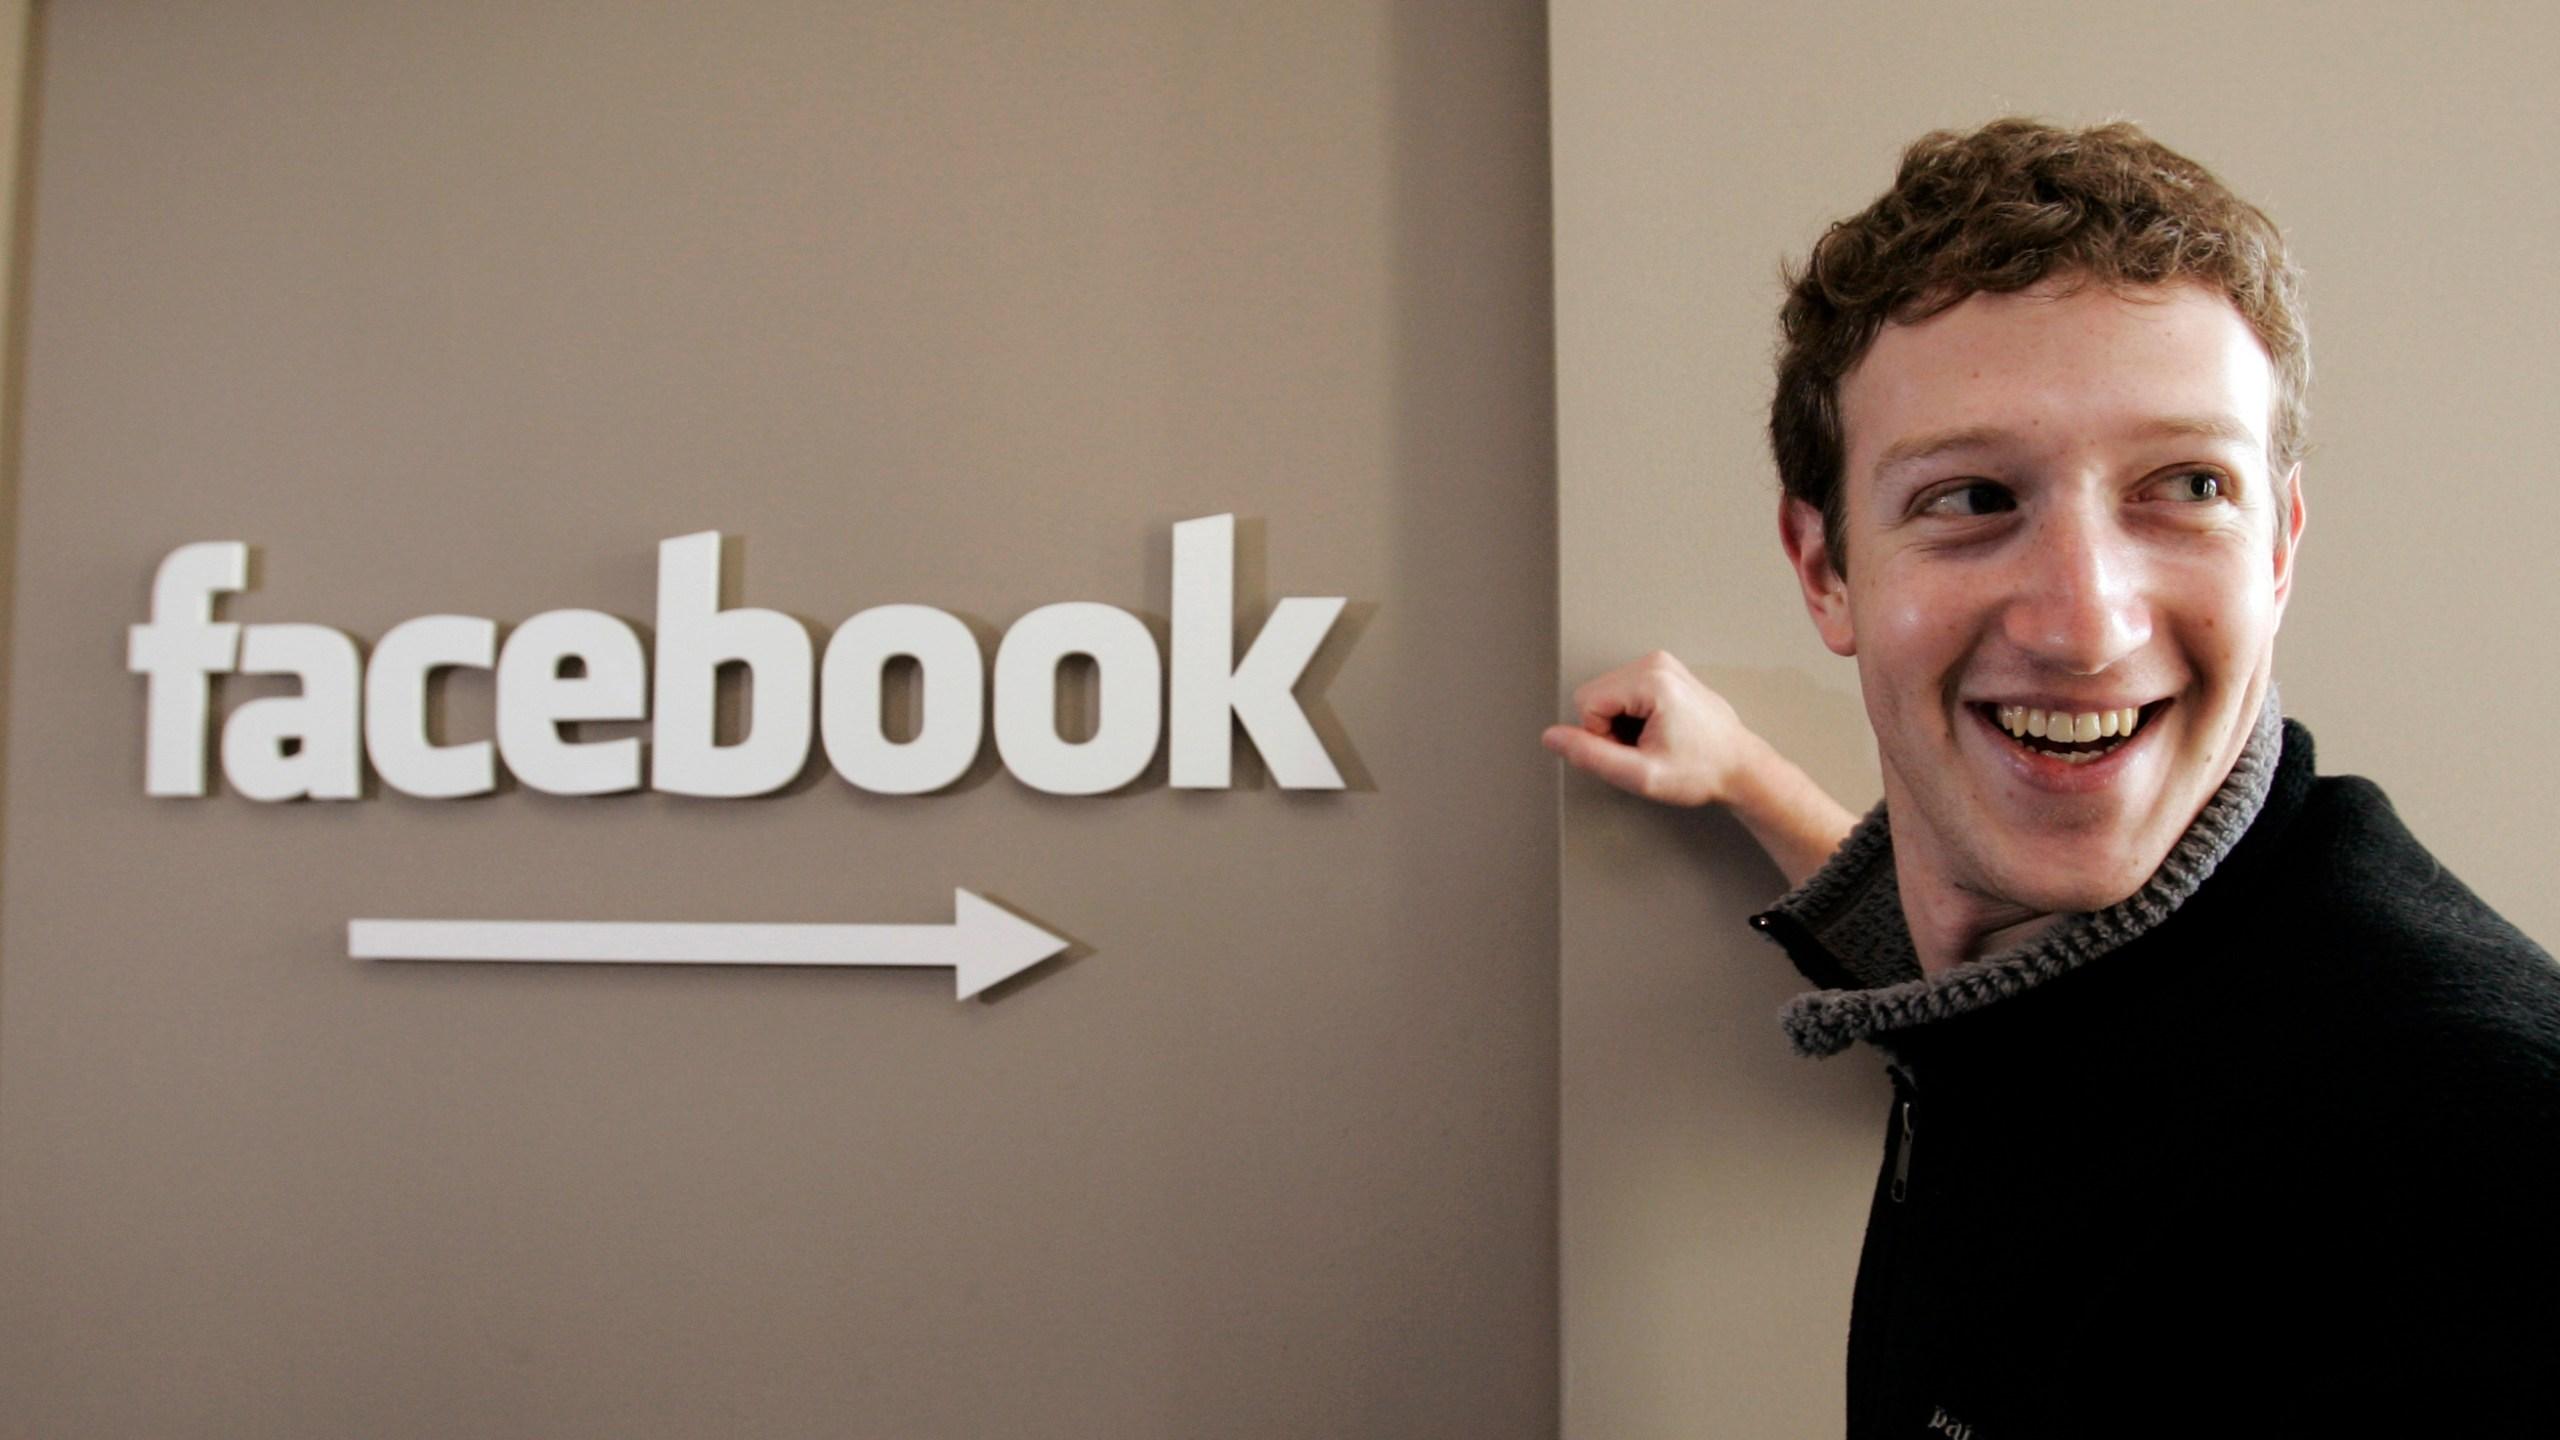 Facebook_Zuckerbergs_Challenge_37949-159532.jpg96626768